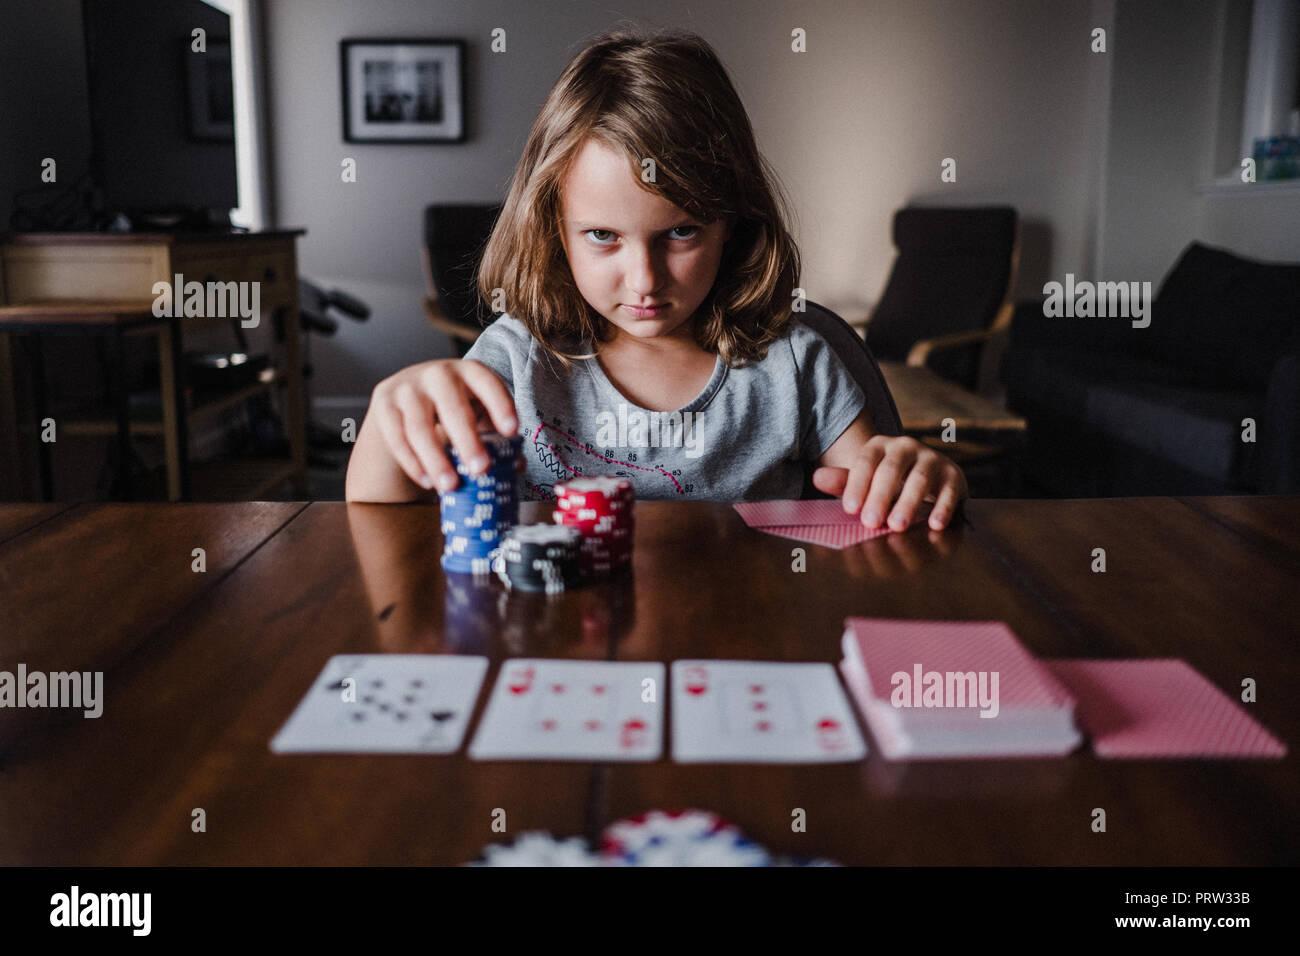 Chica con una pila de fichas de juego jugando a las cartas en la mesa, Retrato Imagen De Stock